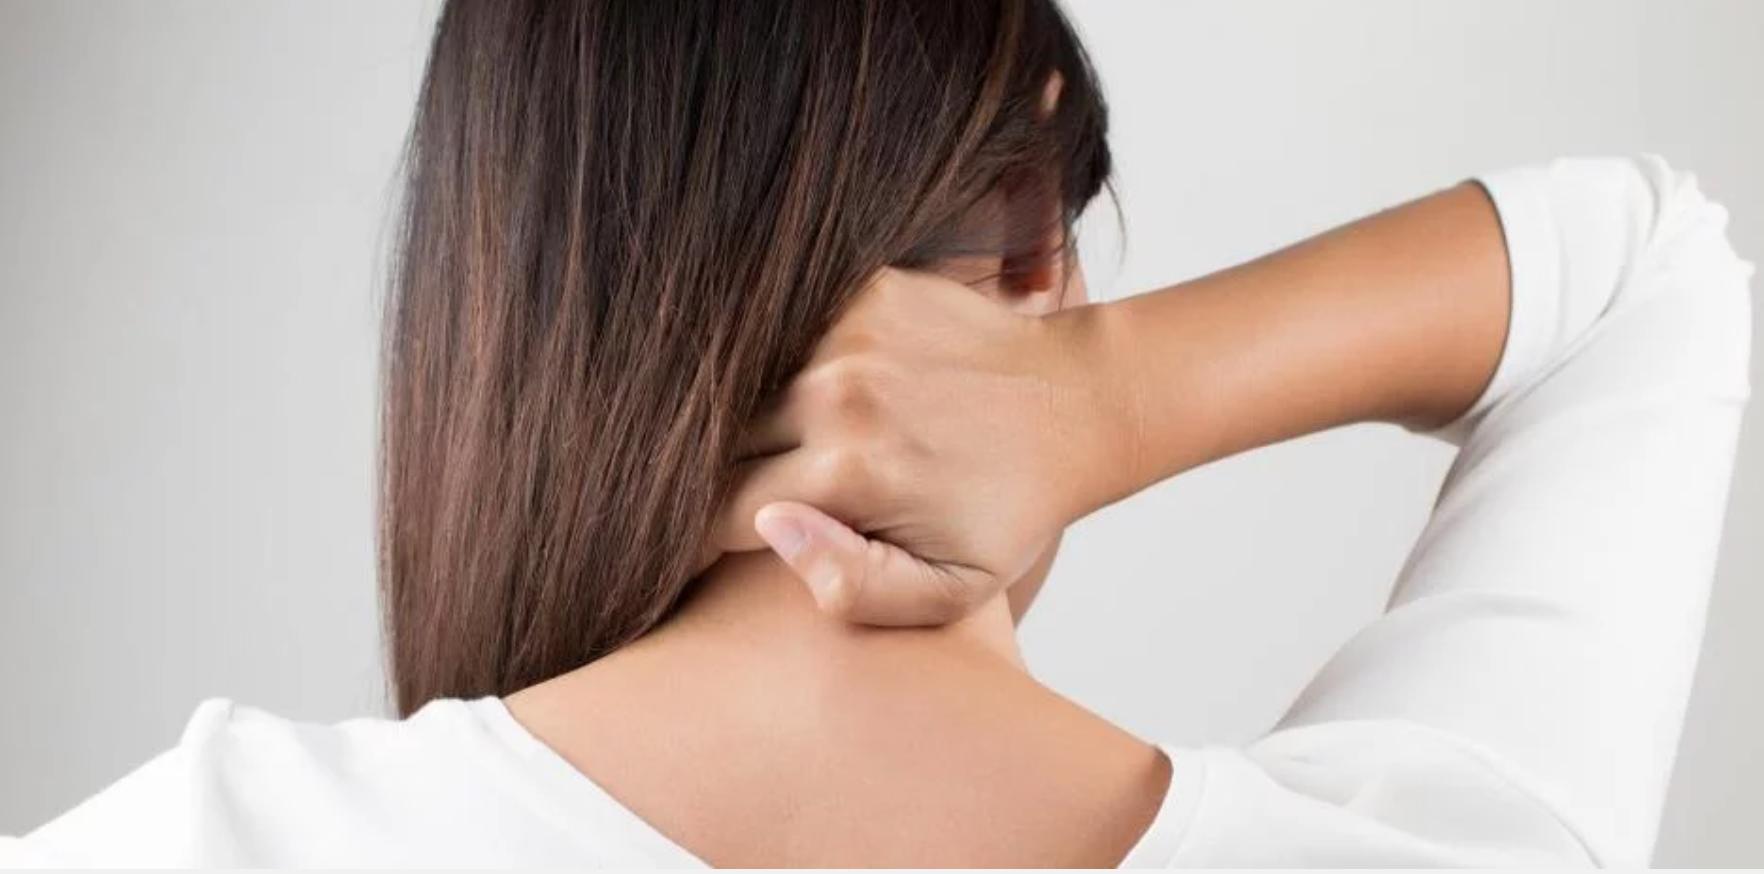 išlaikyti skausmą po kritimo tepalas skirtos regeneruoti sąnarių